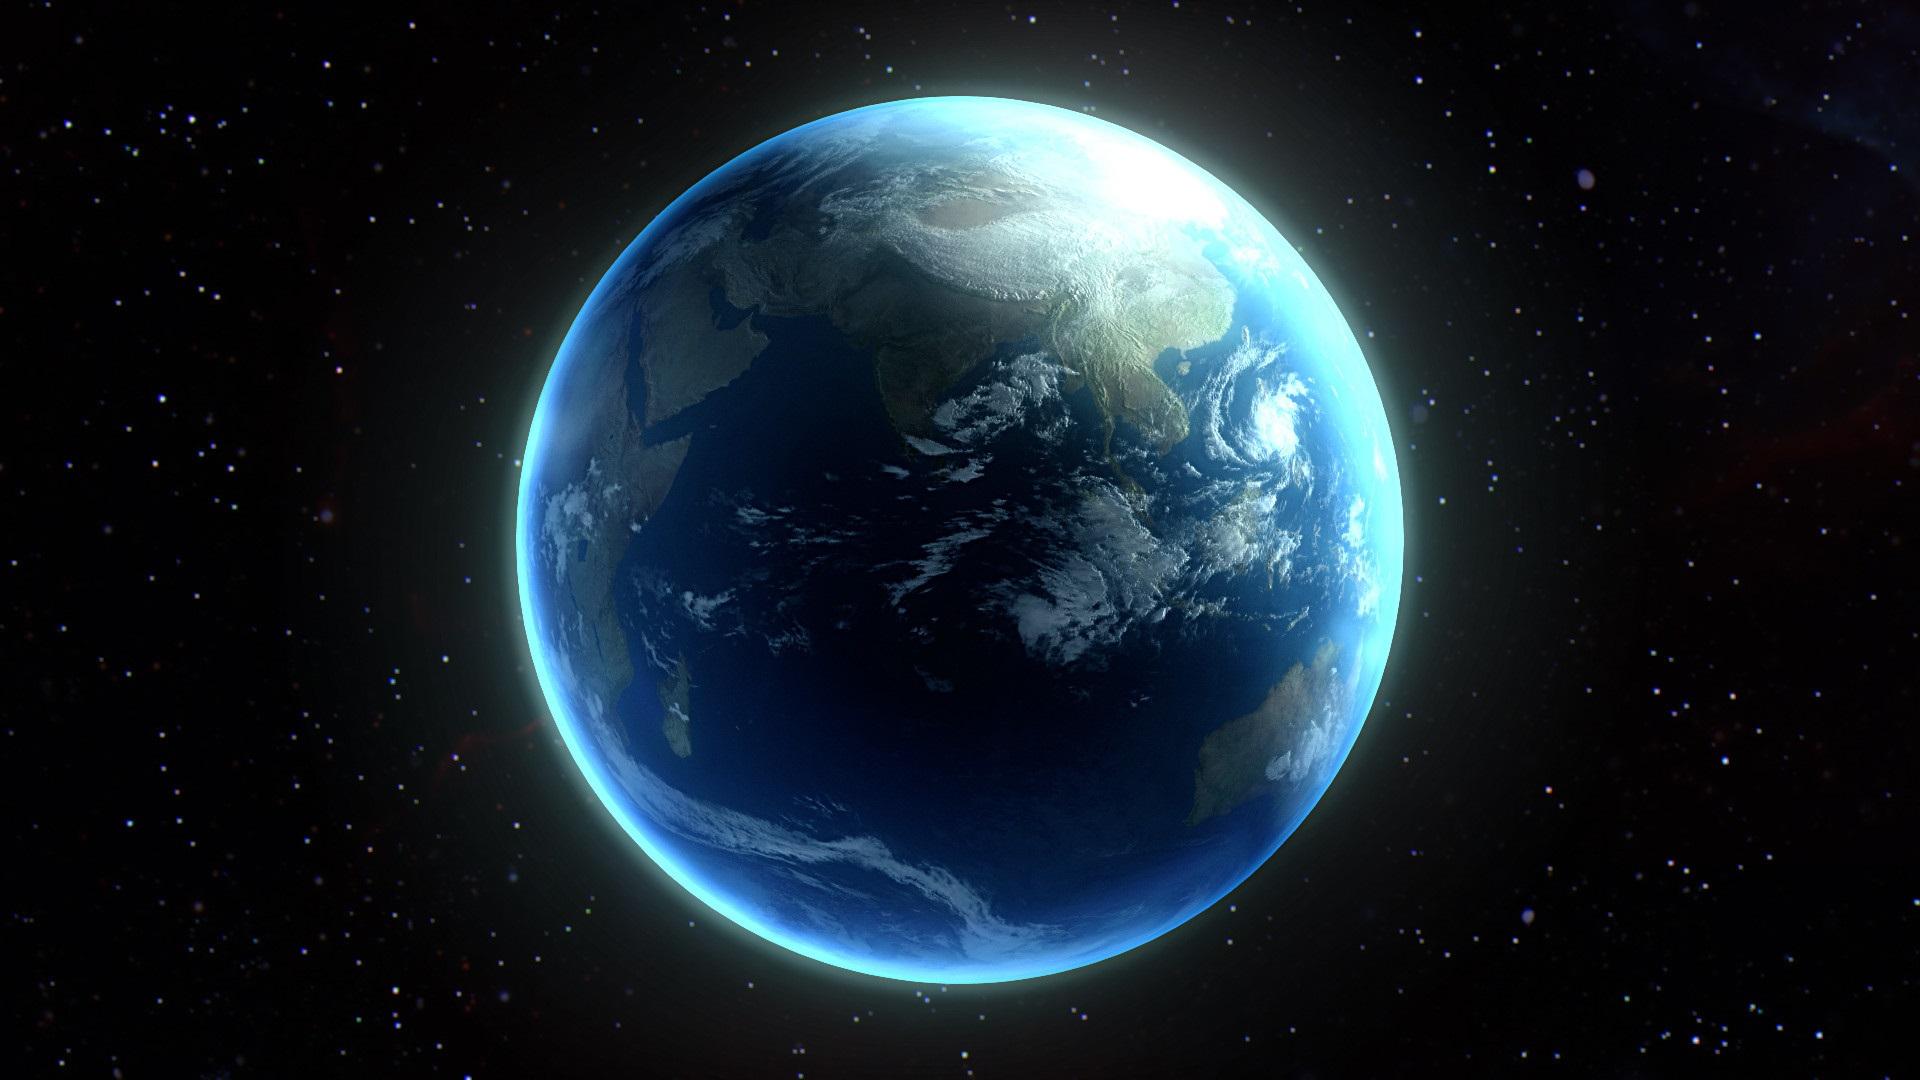 Fonds D'écran Belle Planète, Terre, Espace 1920x1080 Full